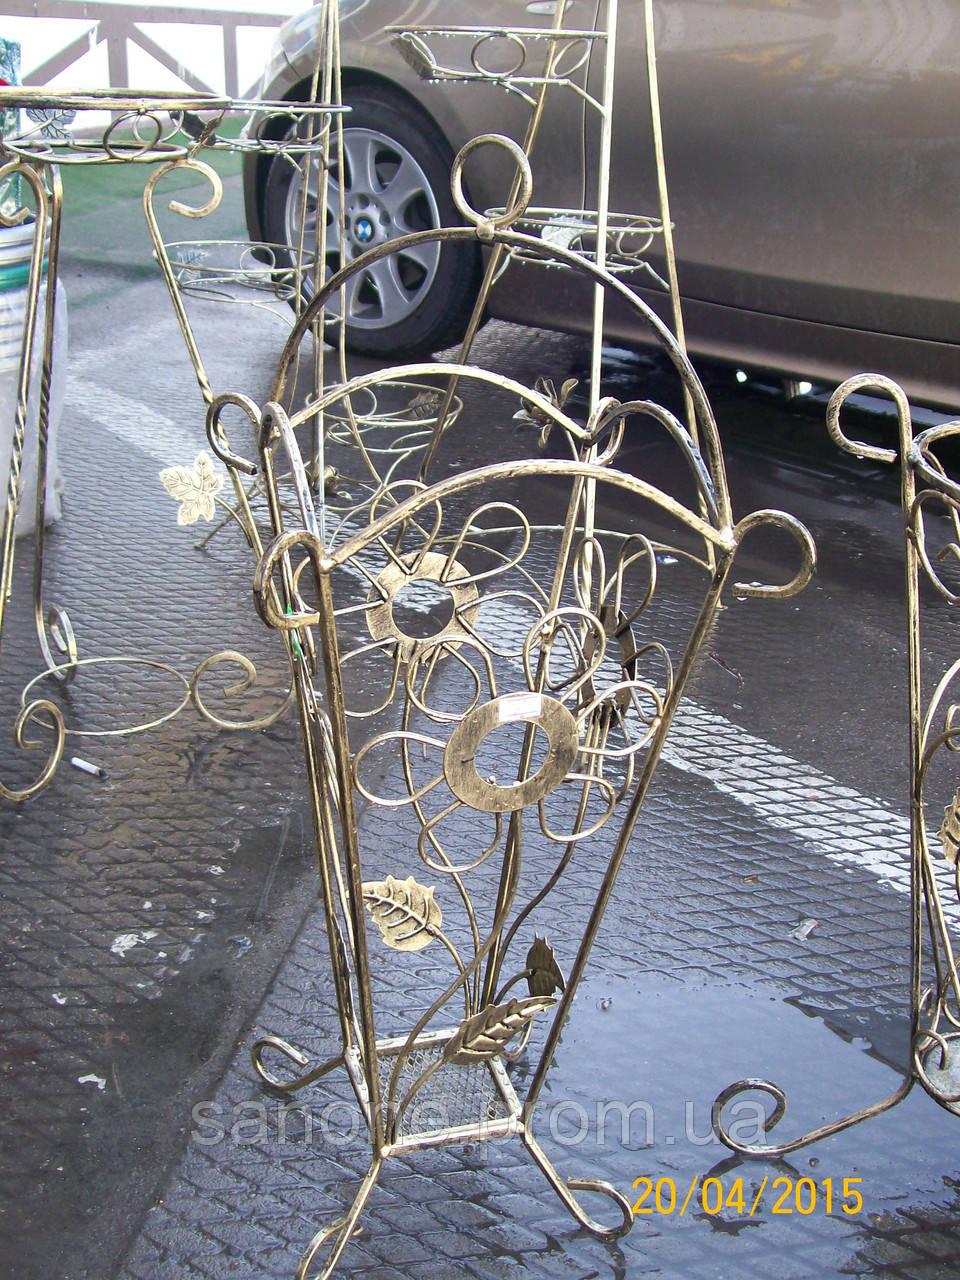 Кованая подставка для зонтов.